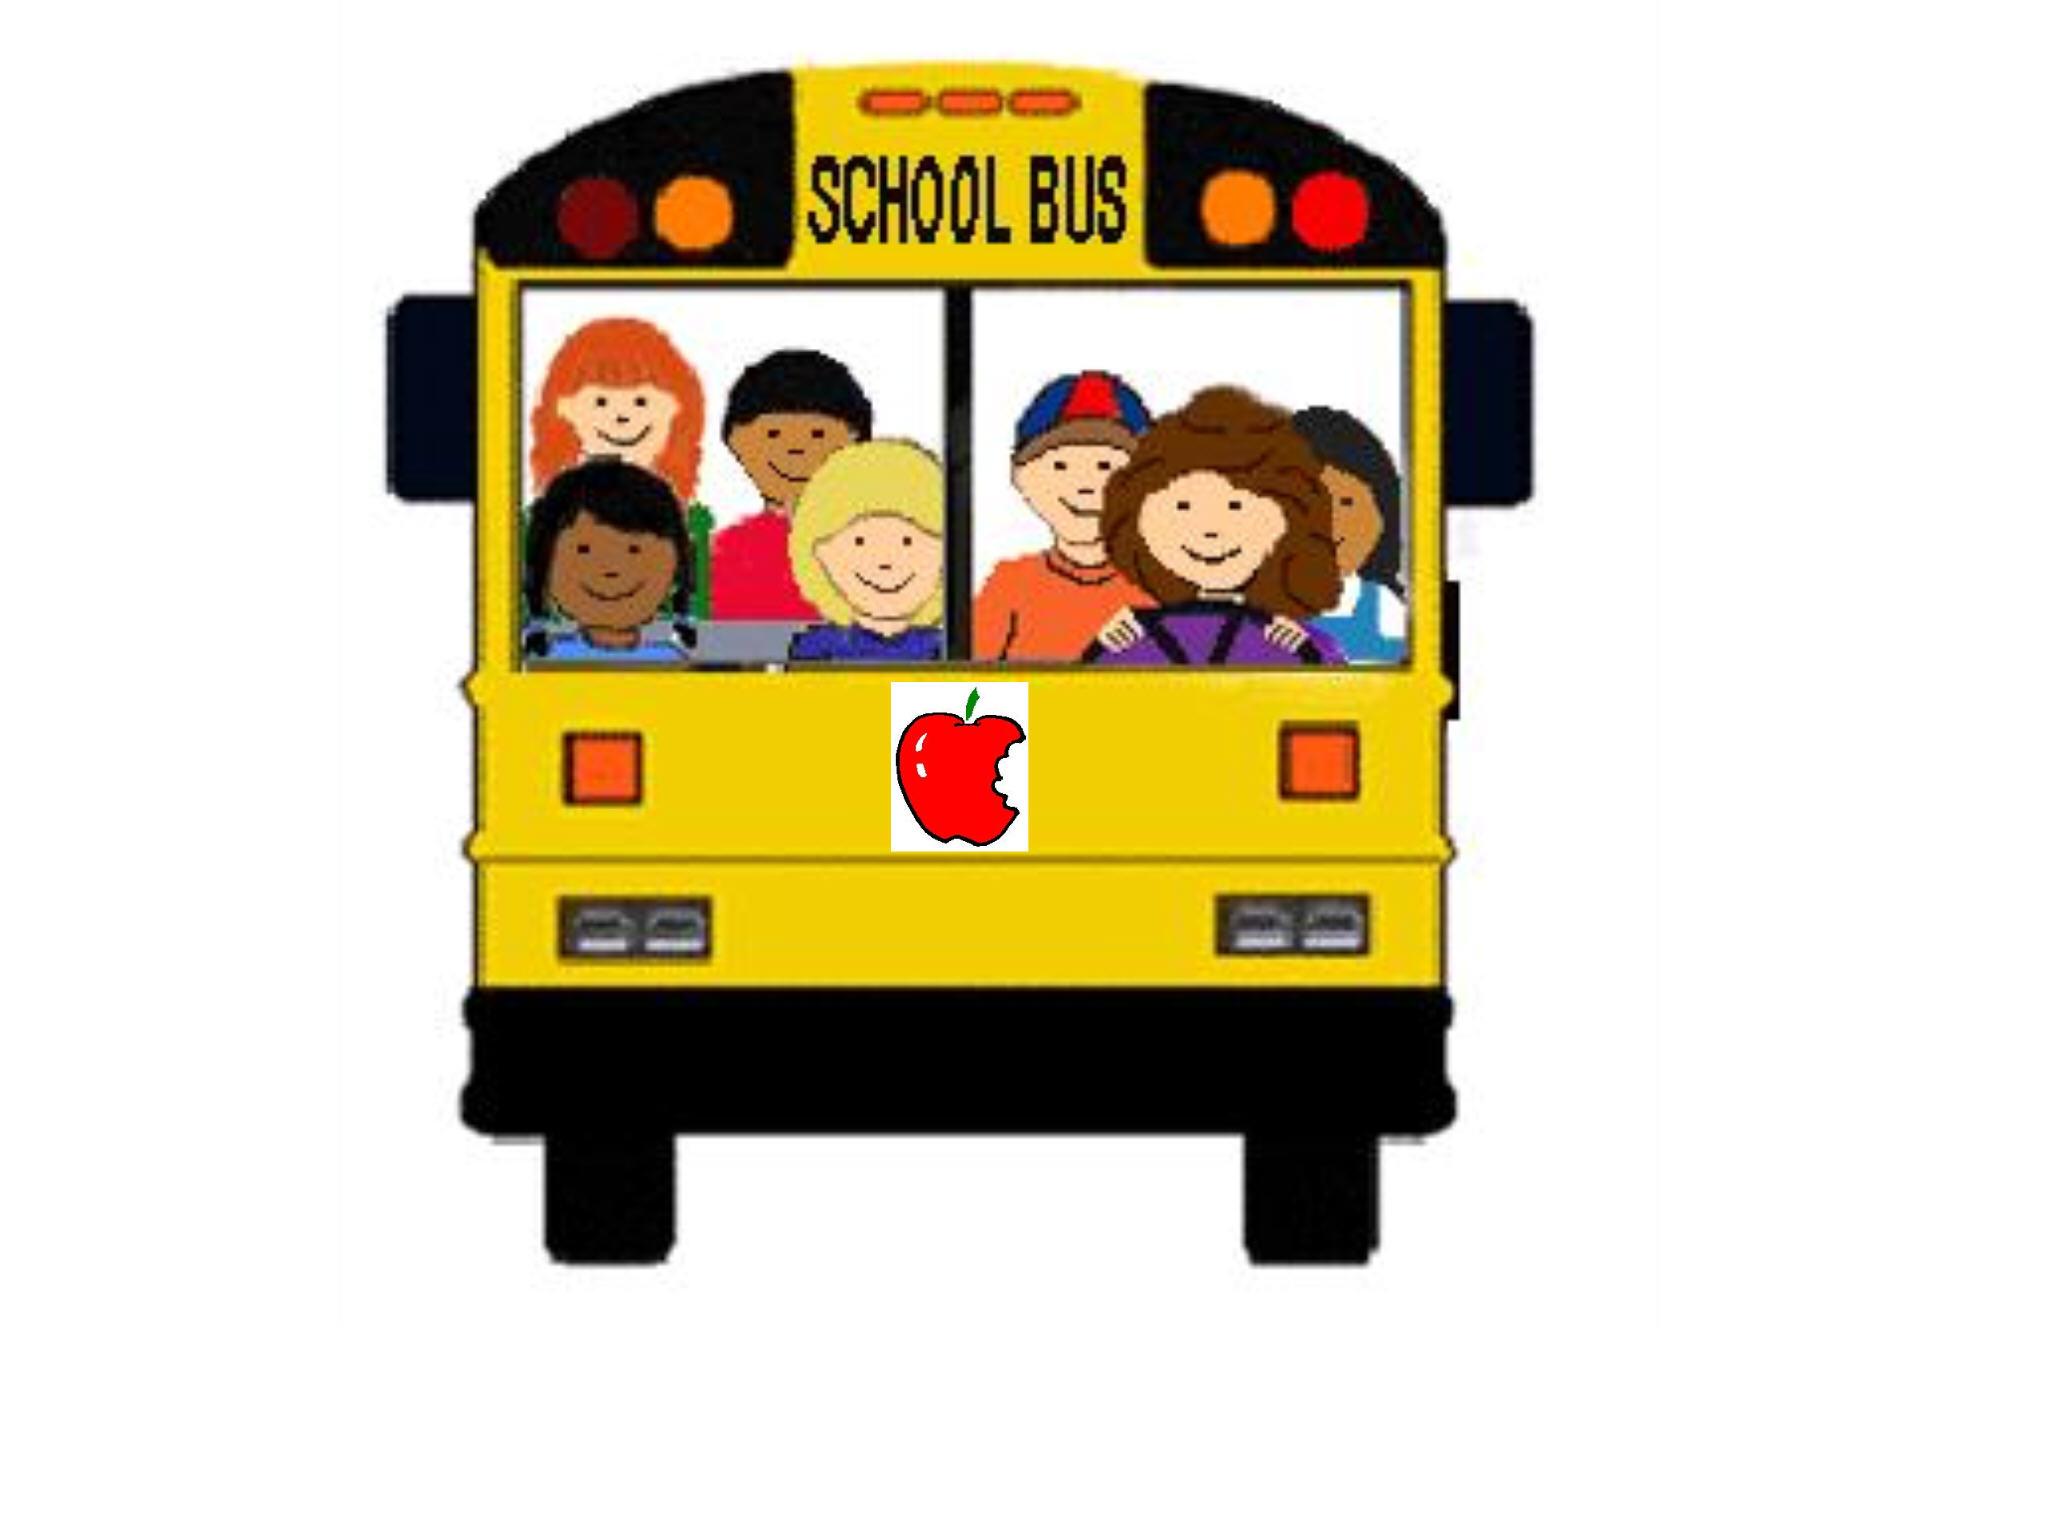 School Bus Clip Art Images - Cliparts.co